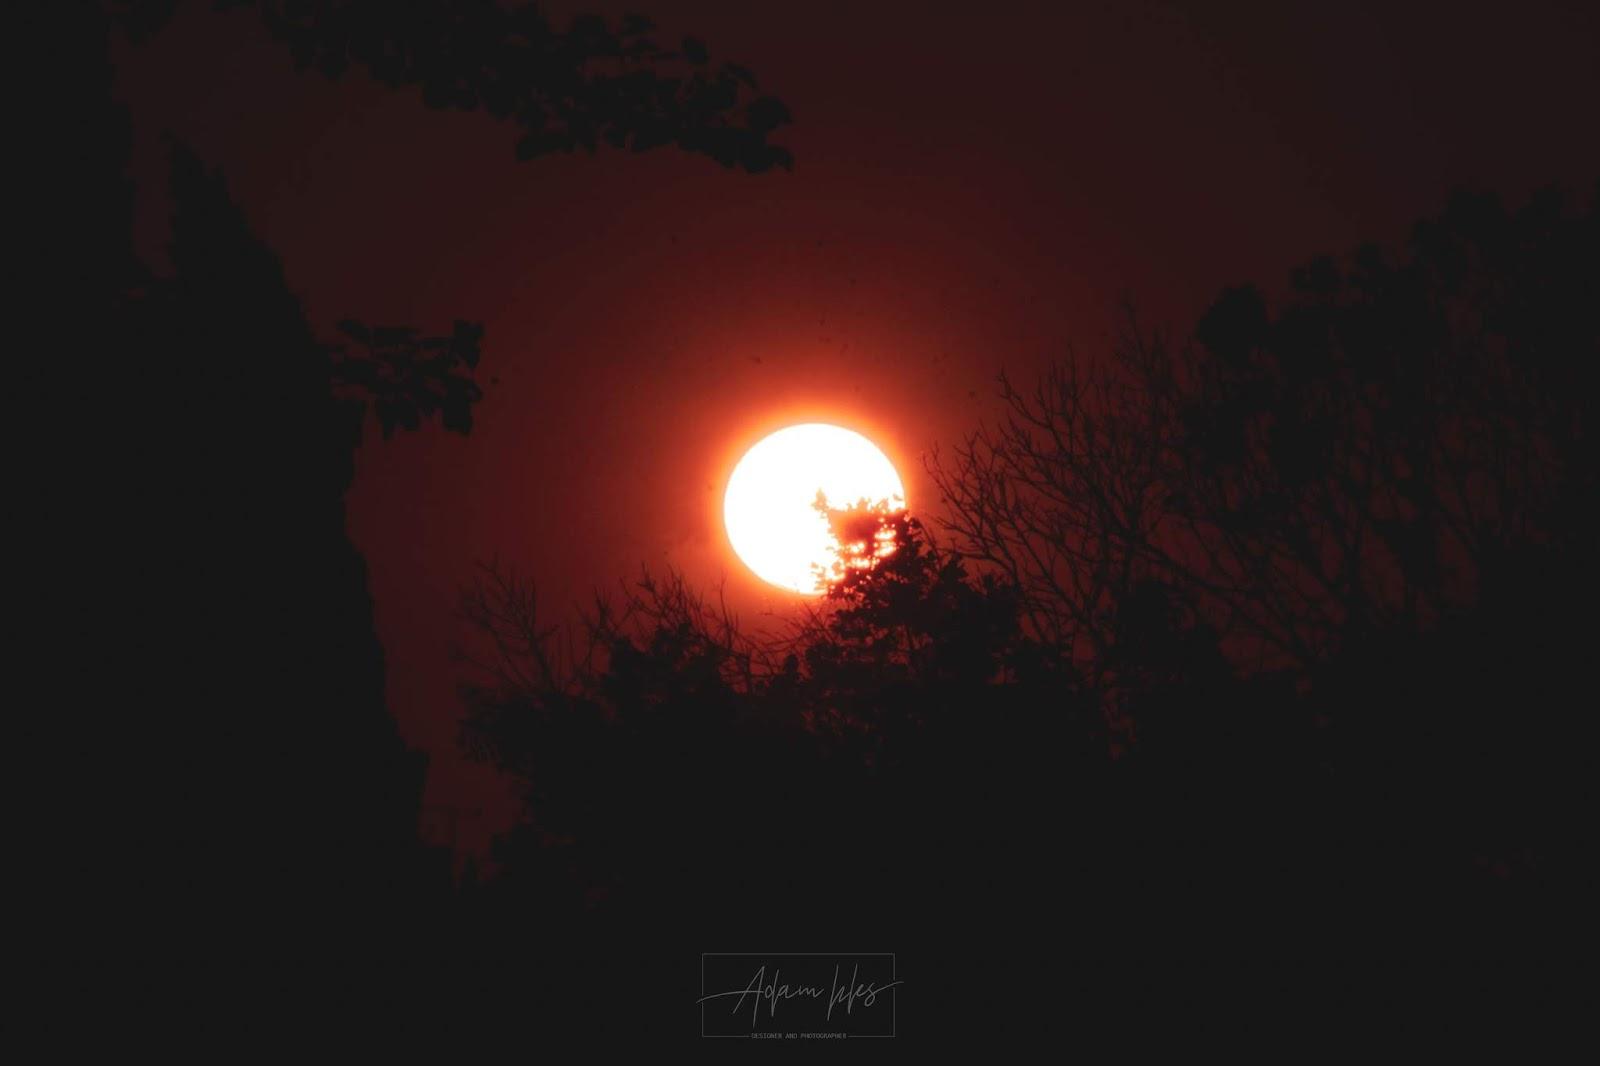 اجمل خلفيات غروب الشمس